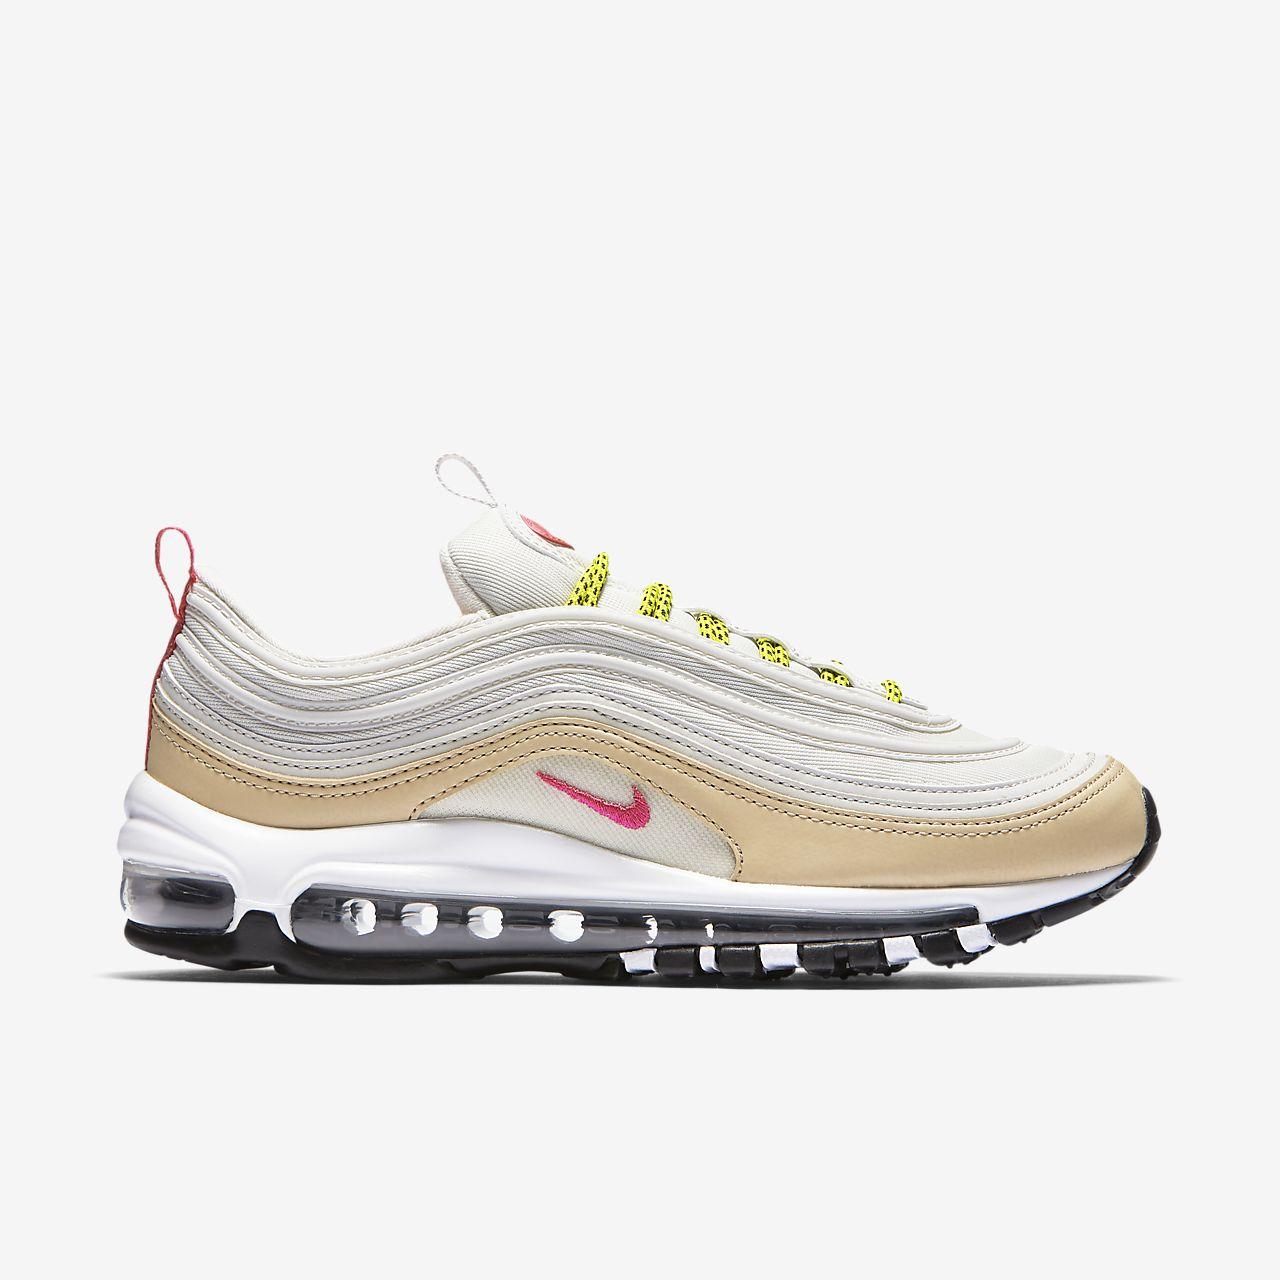 ... Chaussure Nike Air Max 97 pour Femme